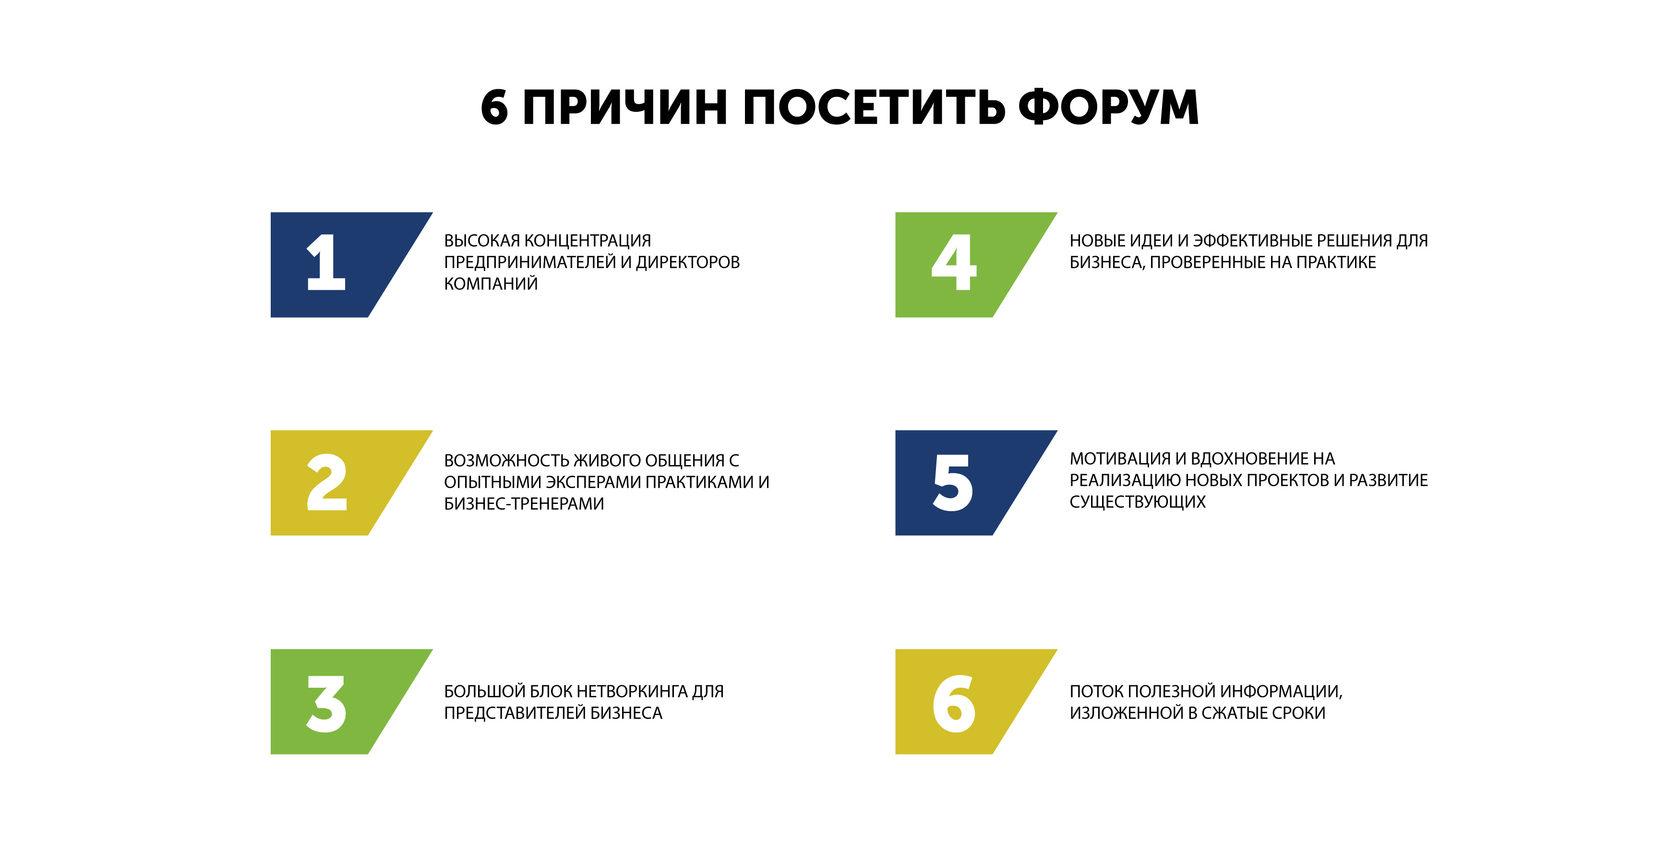 Идеи бизнеса программа бизнес план производства фургонов